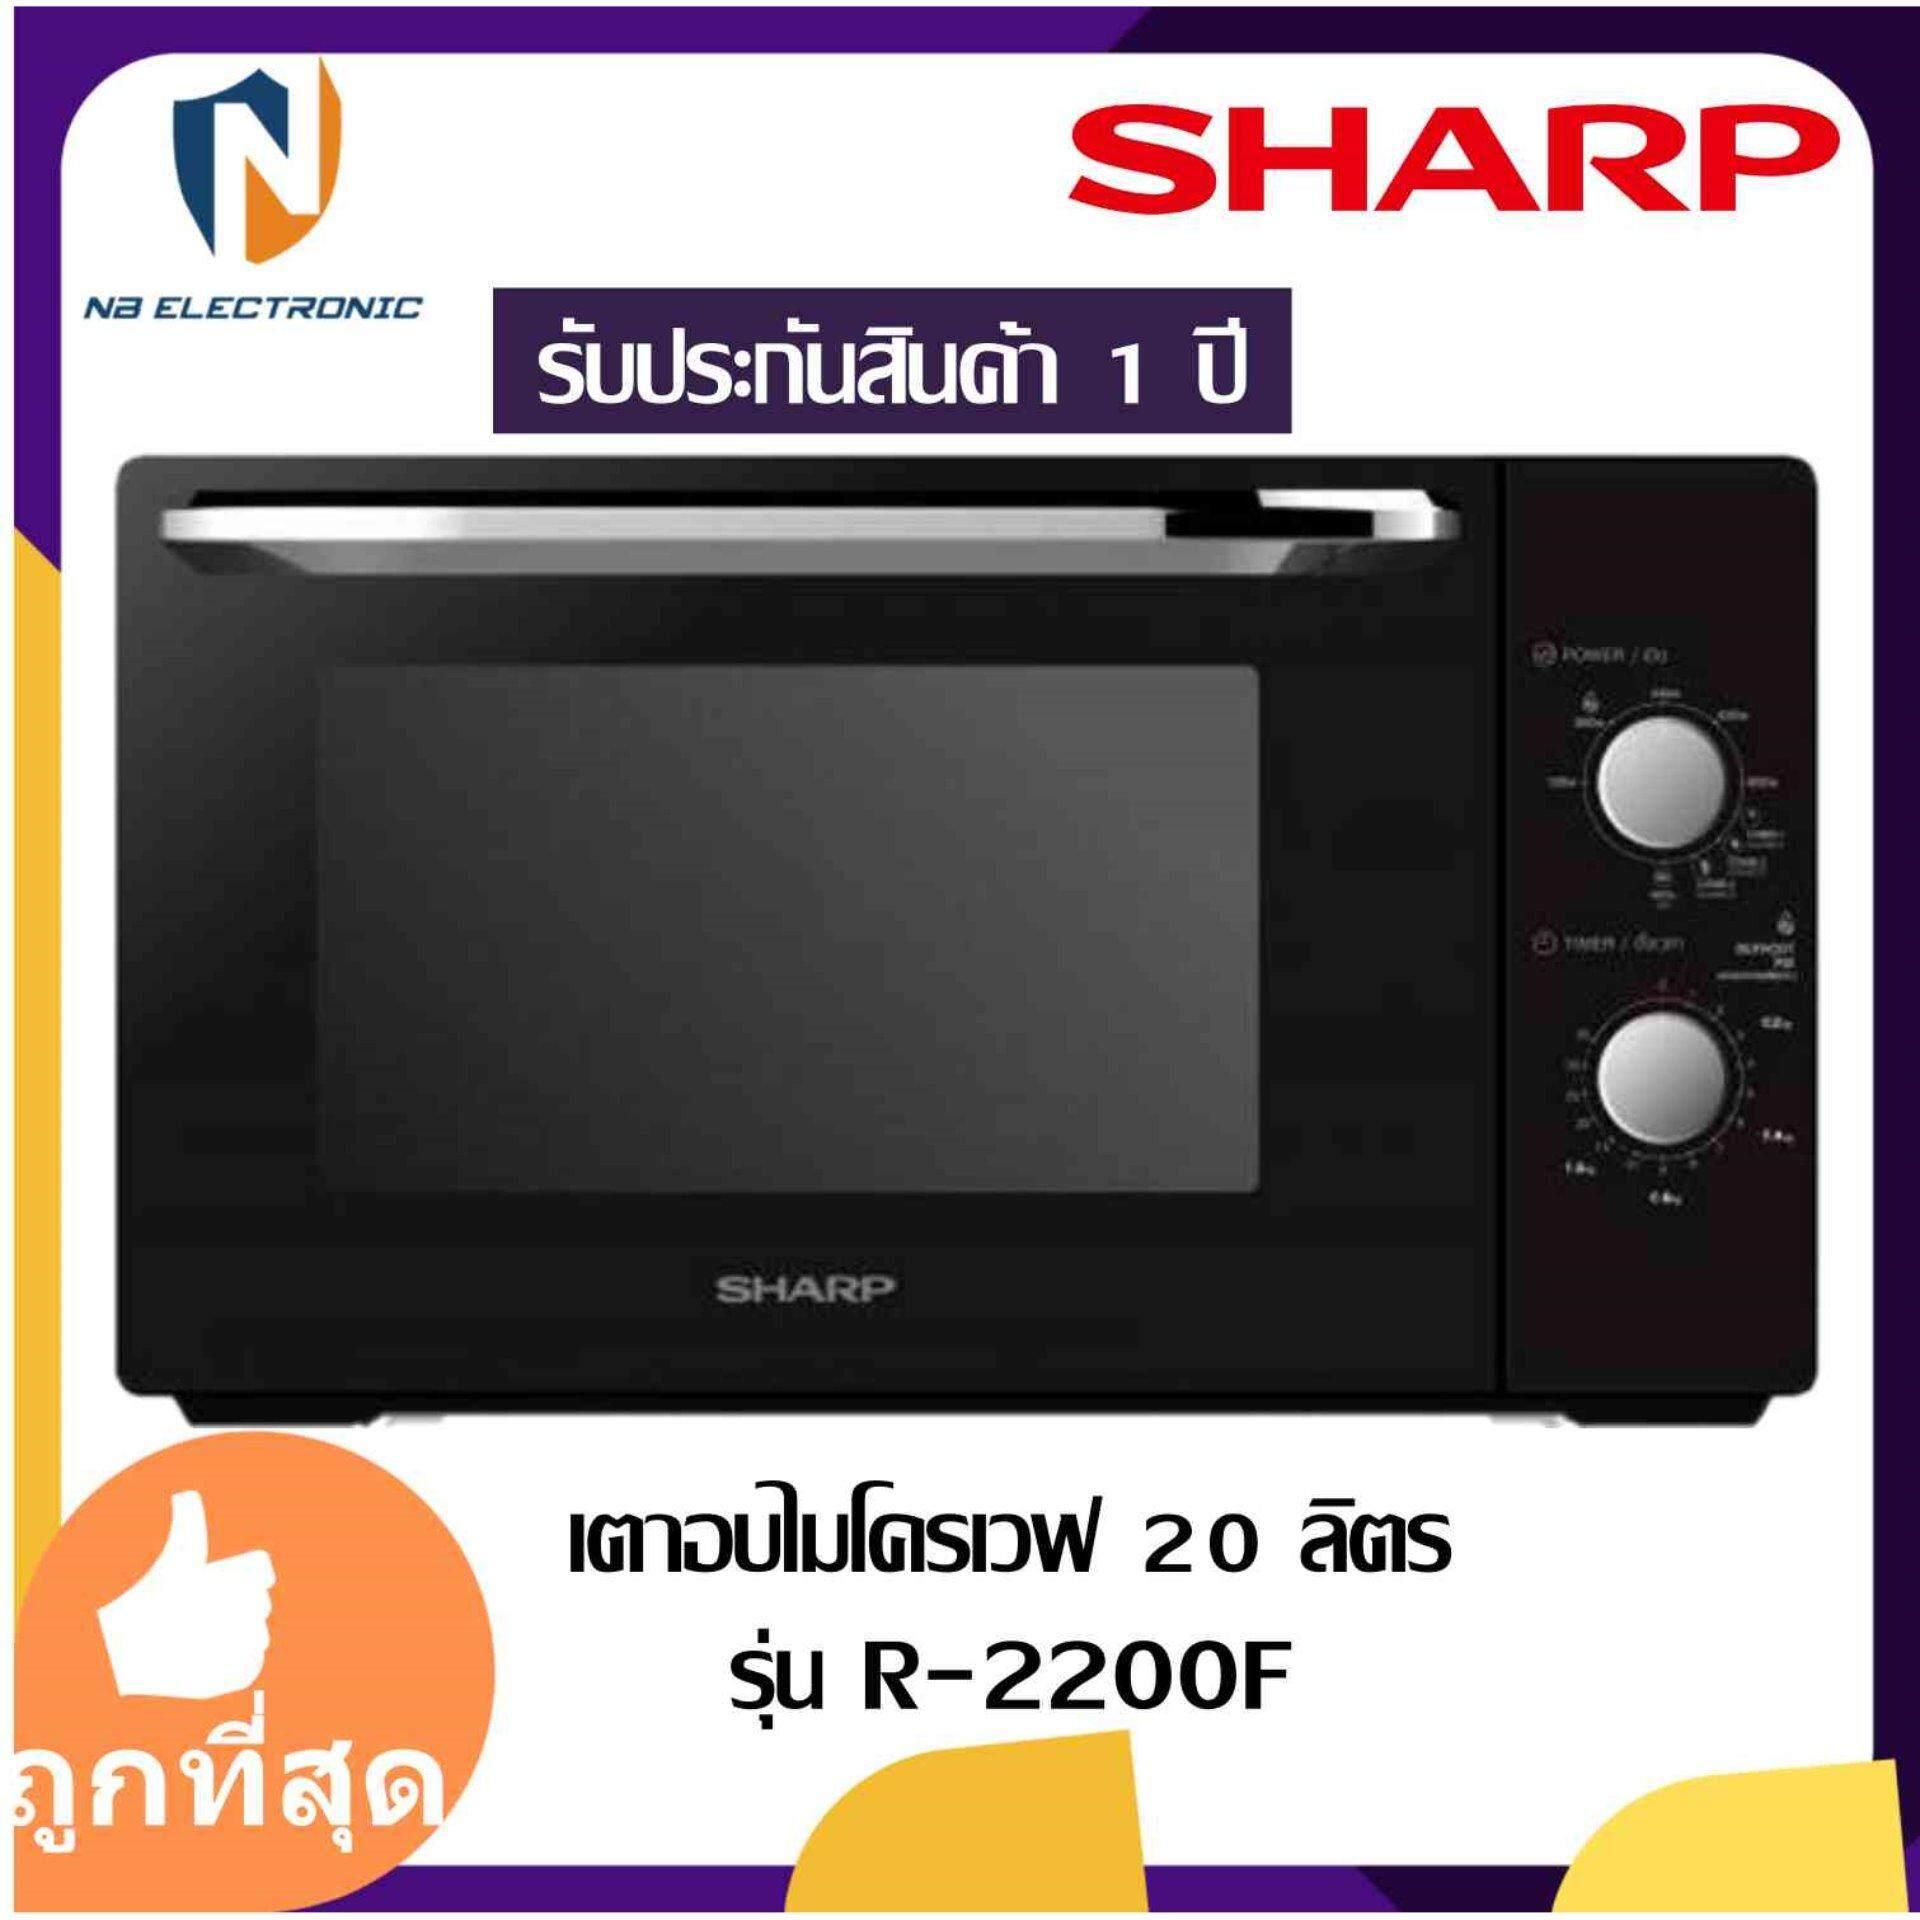 เตาอบไมโครเวฟ Sharp รุ่น R-2200F-S (รุ่นใหม่) ของแท้ รับประกันคุณภาพ